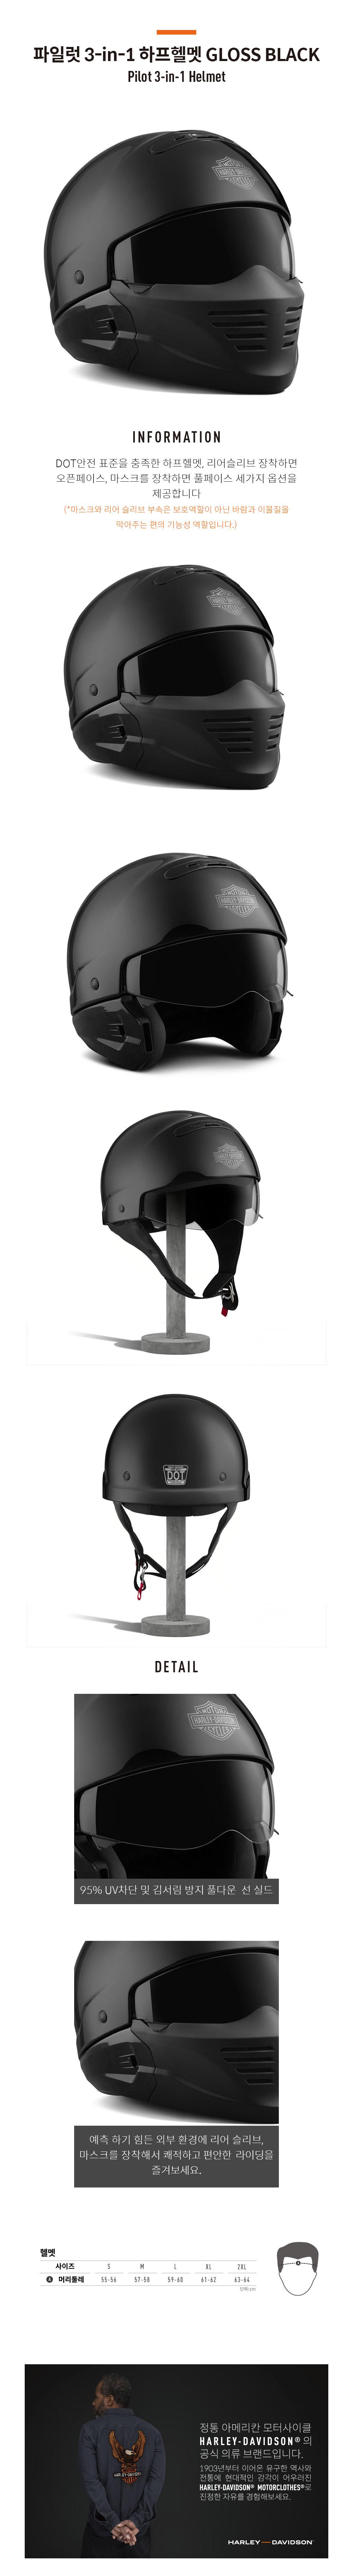 할리데이비슨 파일럿 3in-1 하프헬멧 GLOSS BLACK